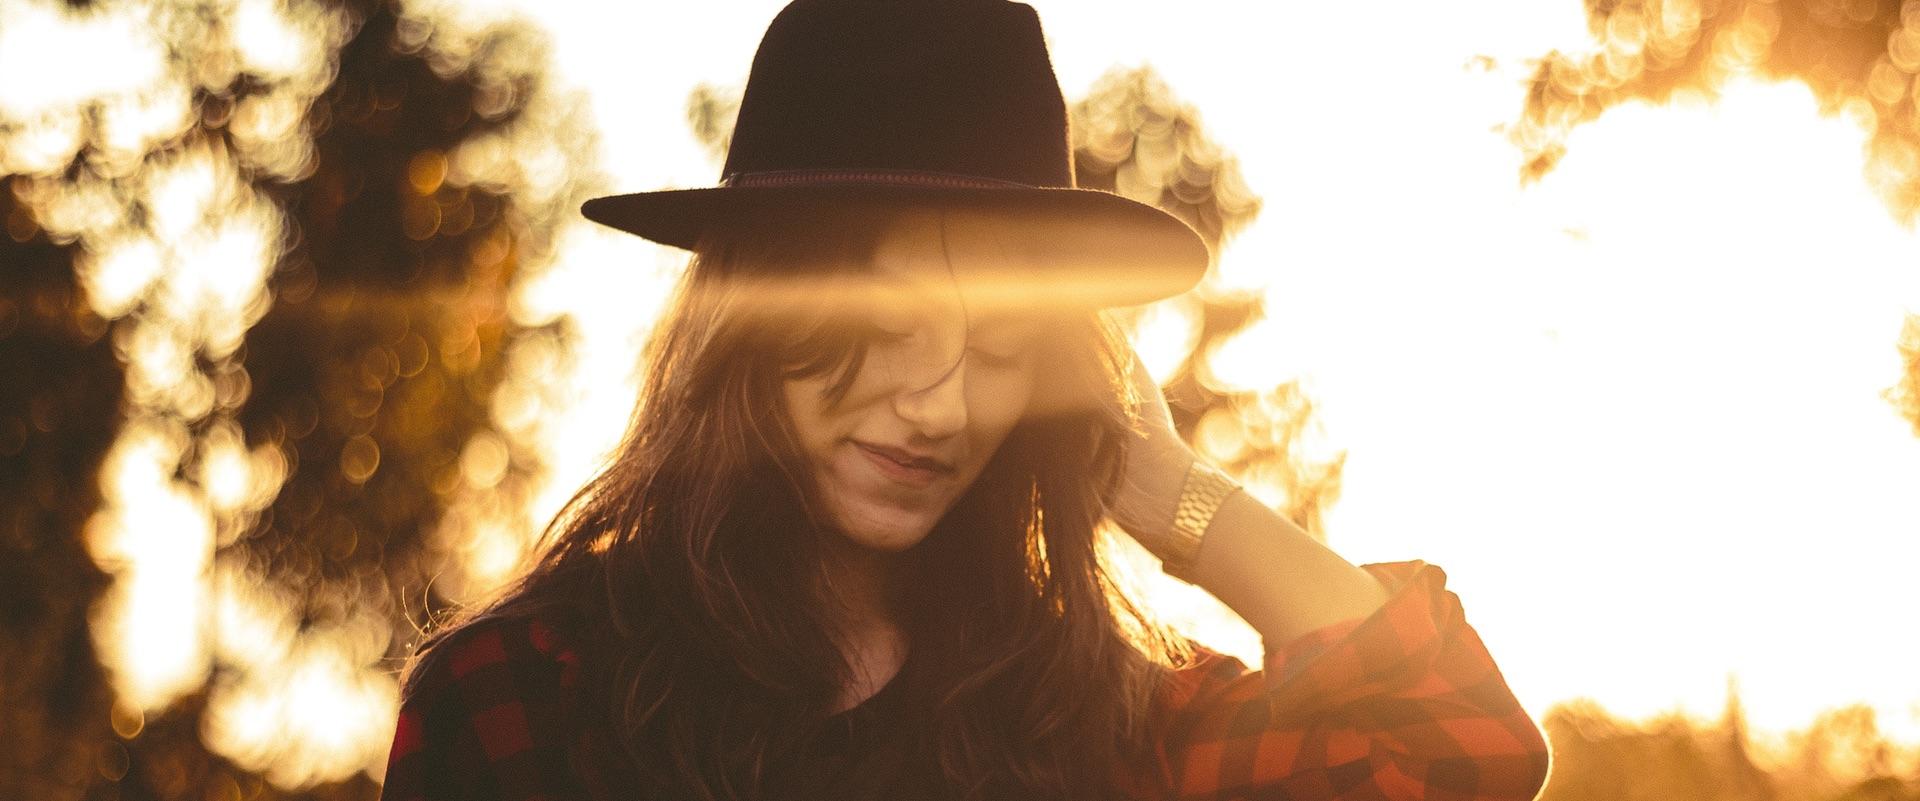 Brillenunabhängigkeit bei Kurzsichtigkeit: Junge Frau mit Hut im Sonnenlicht.